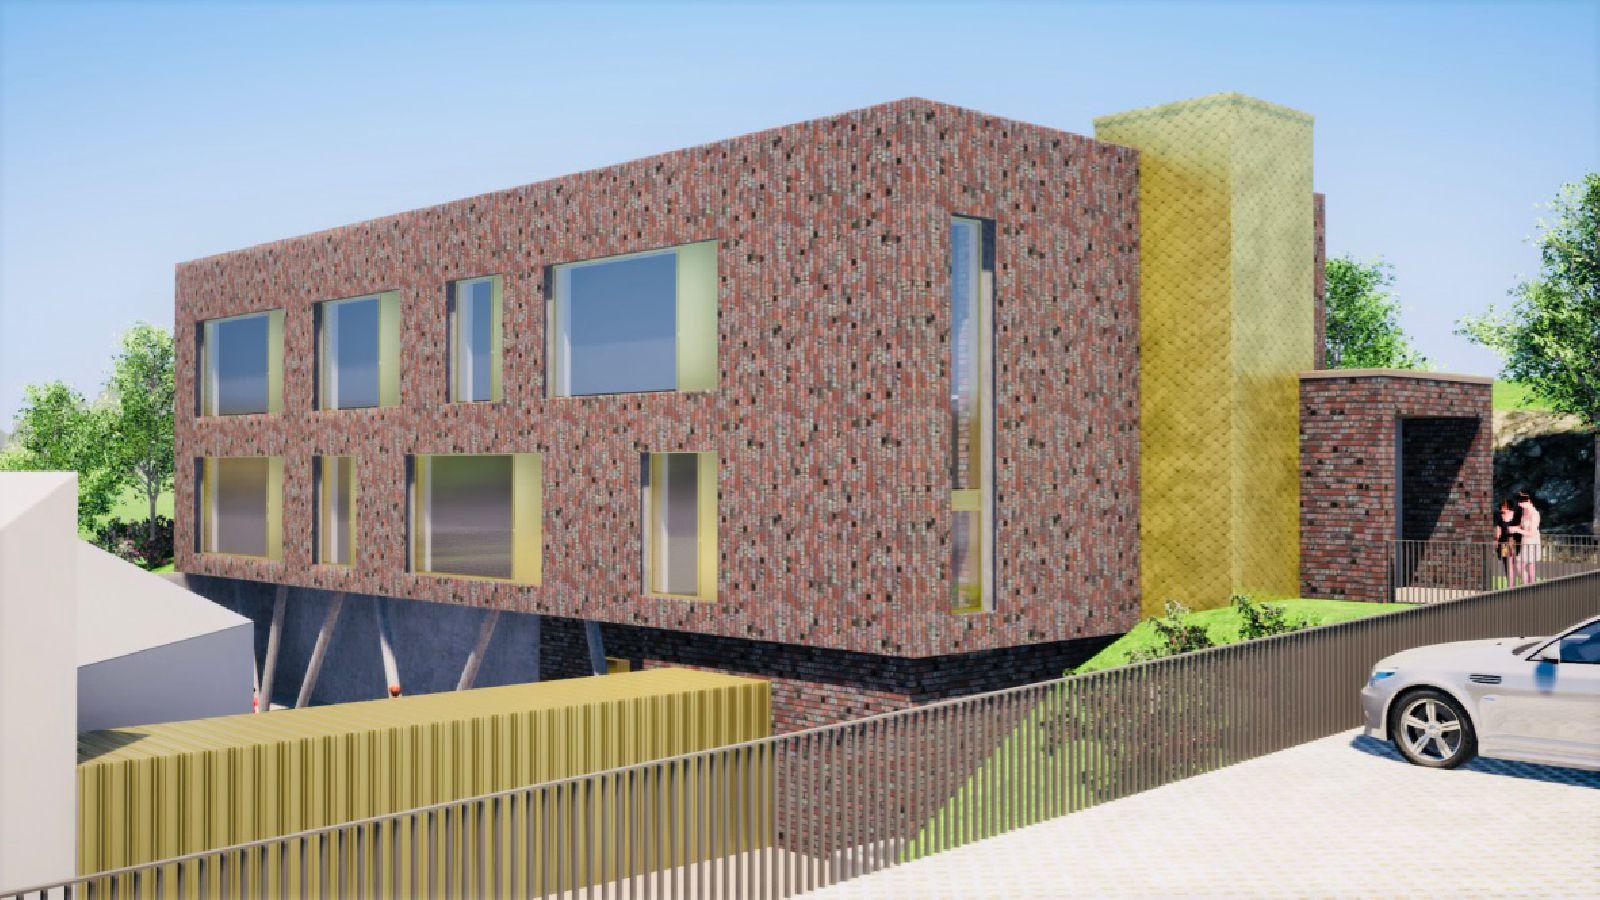 House for children